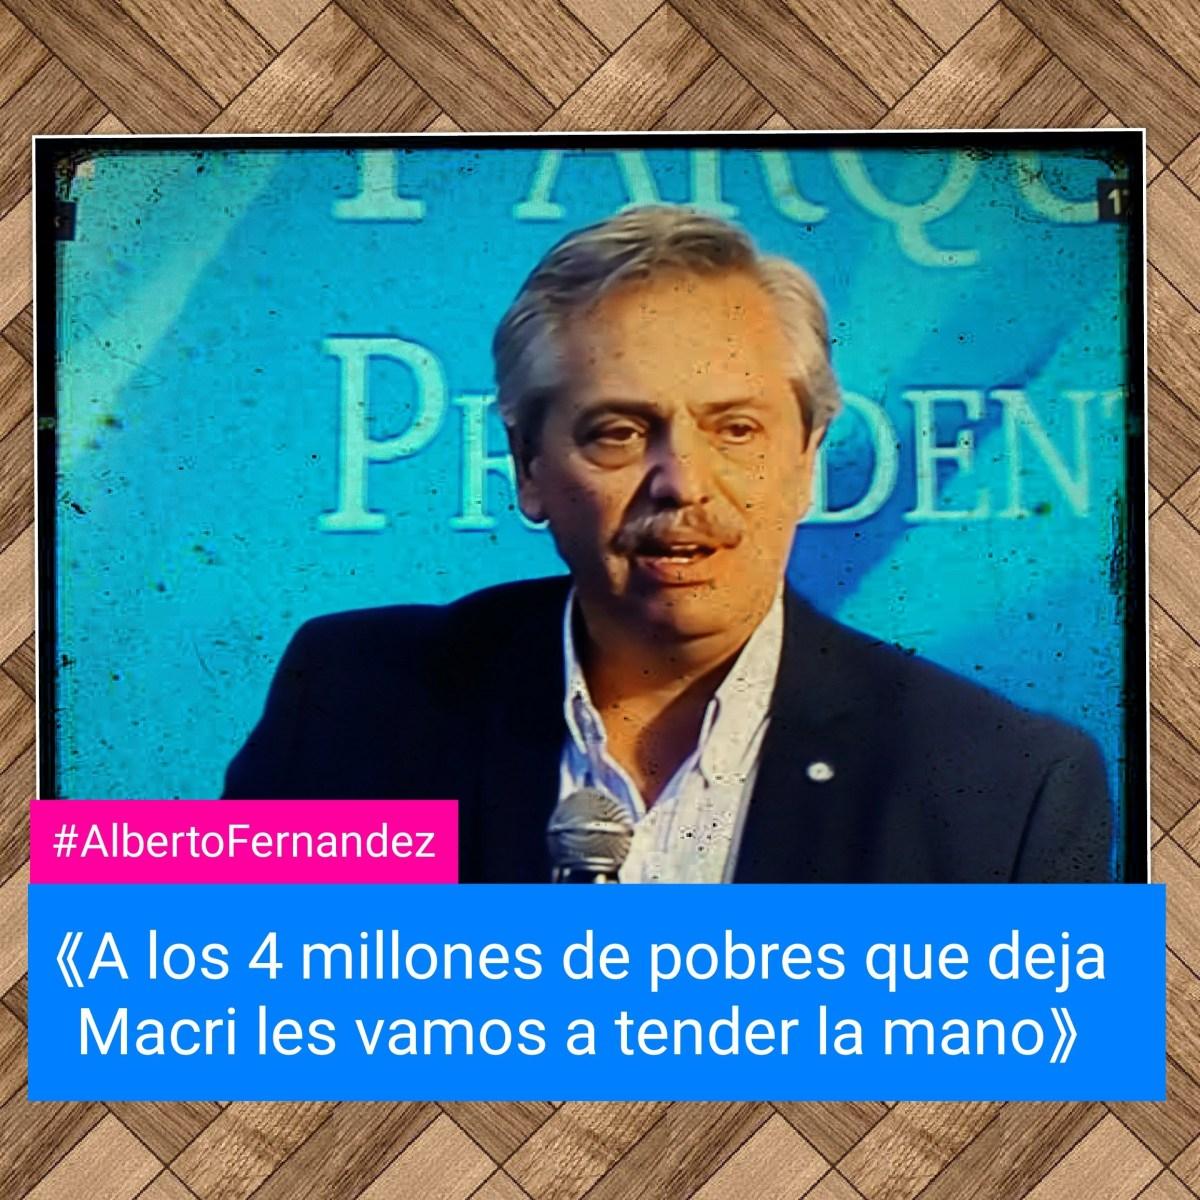 #AlbertoFernandez 《A los 4 millones de pobres que deja Macri les vamos a tender la mano》